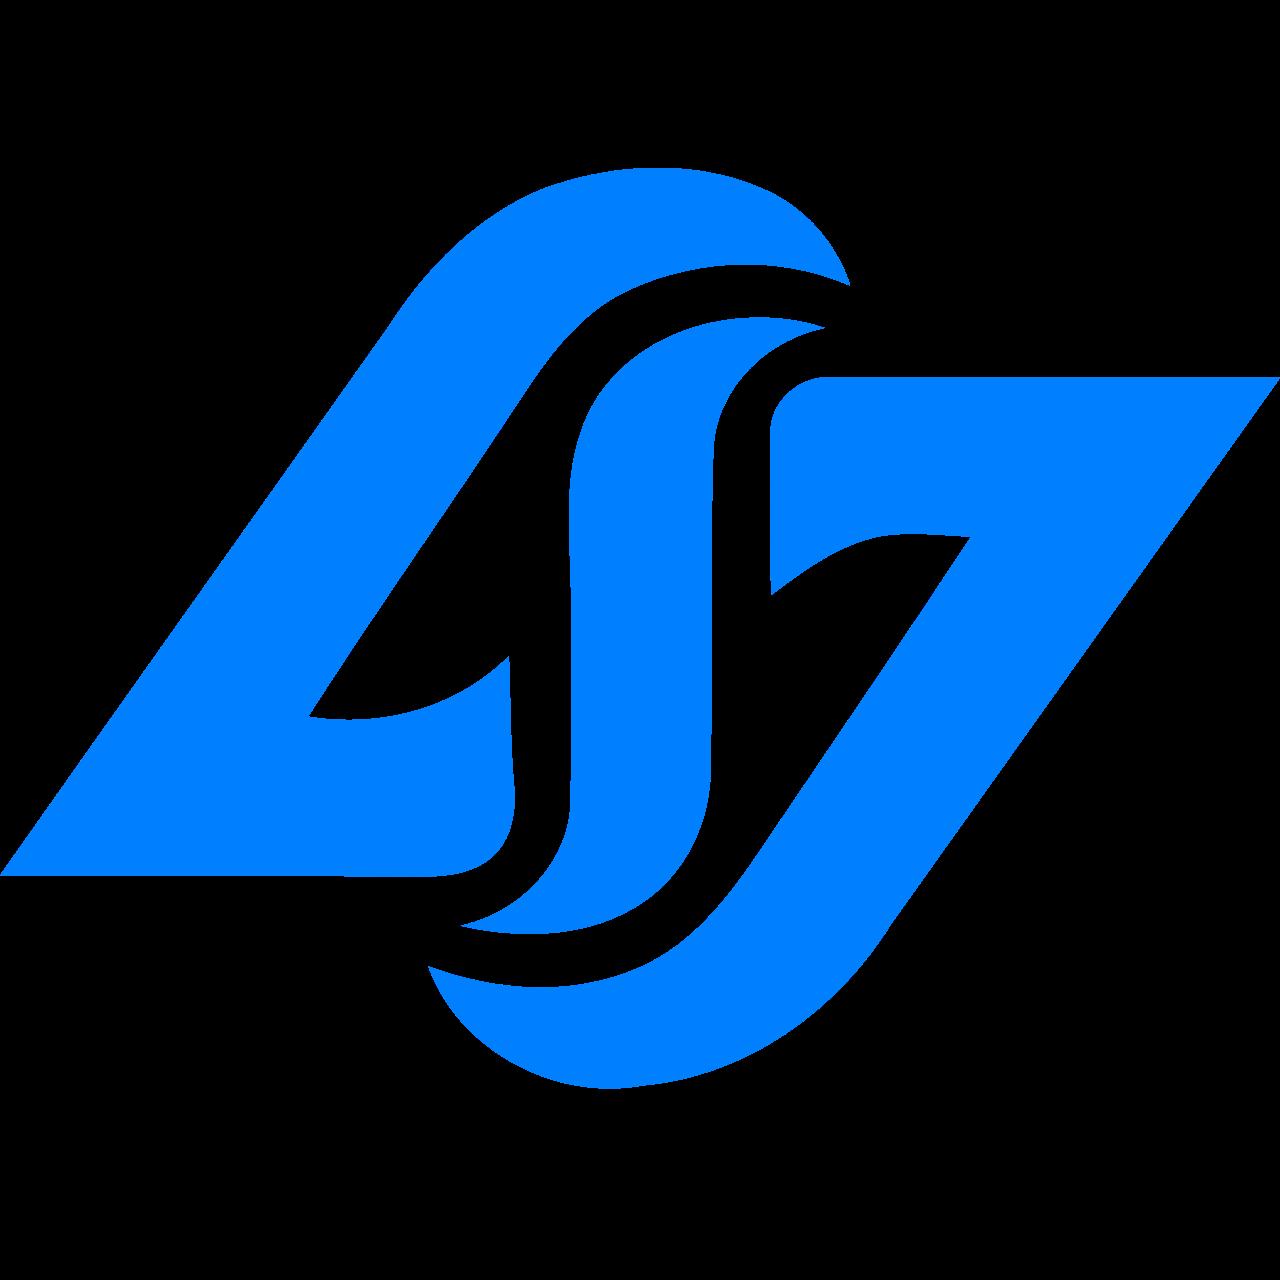 Counter Logic Gaming logo